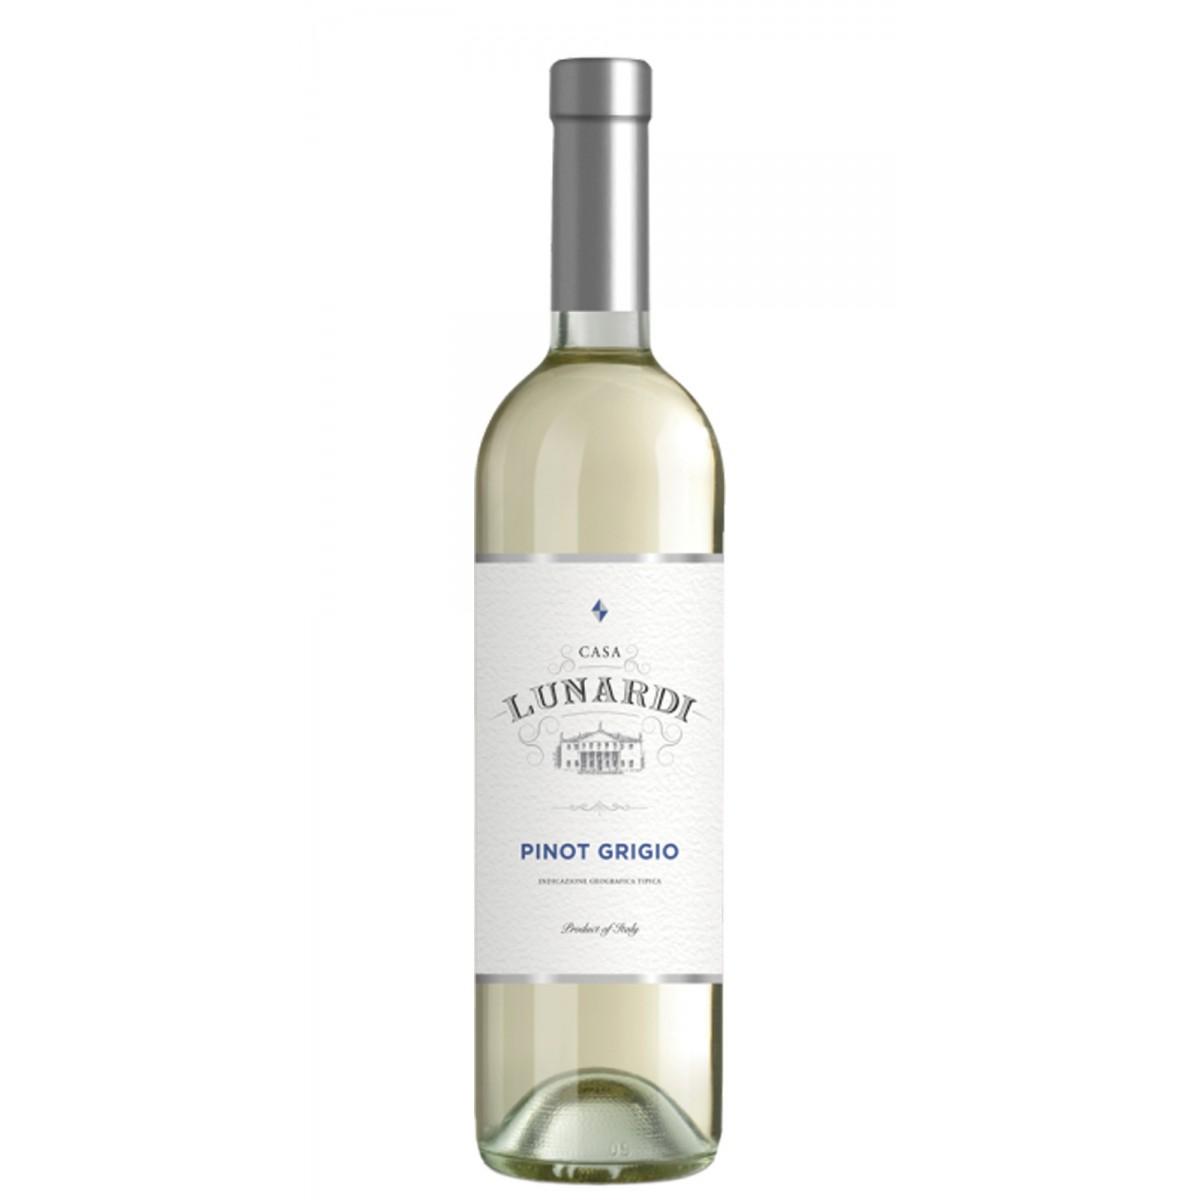 Lunardi Pinot Grigio 750ml